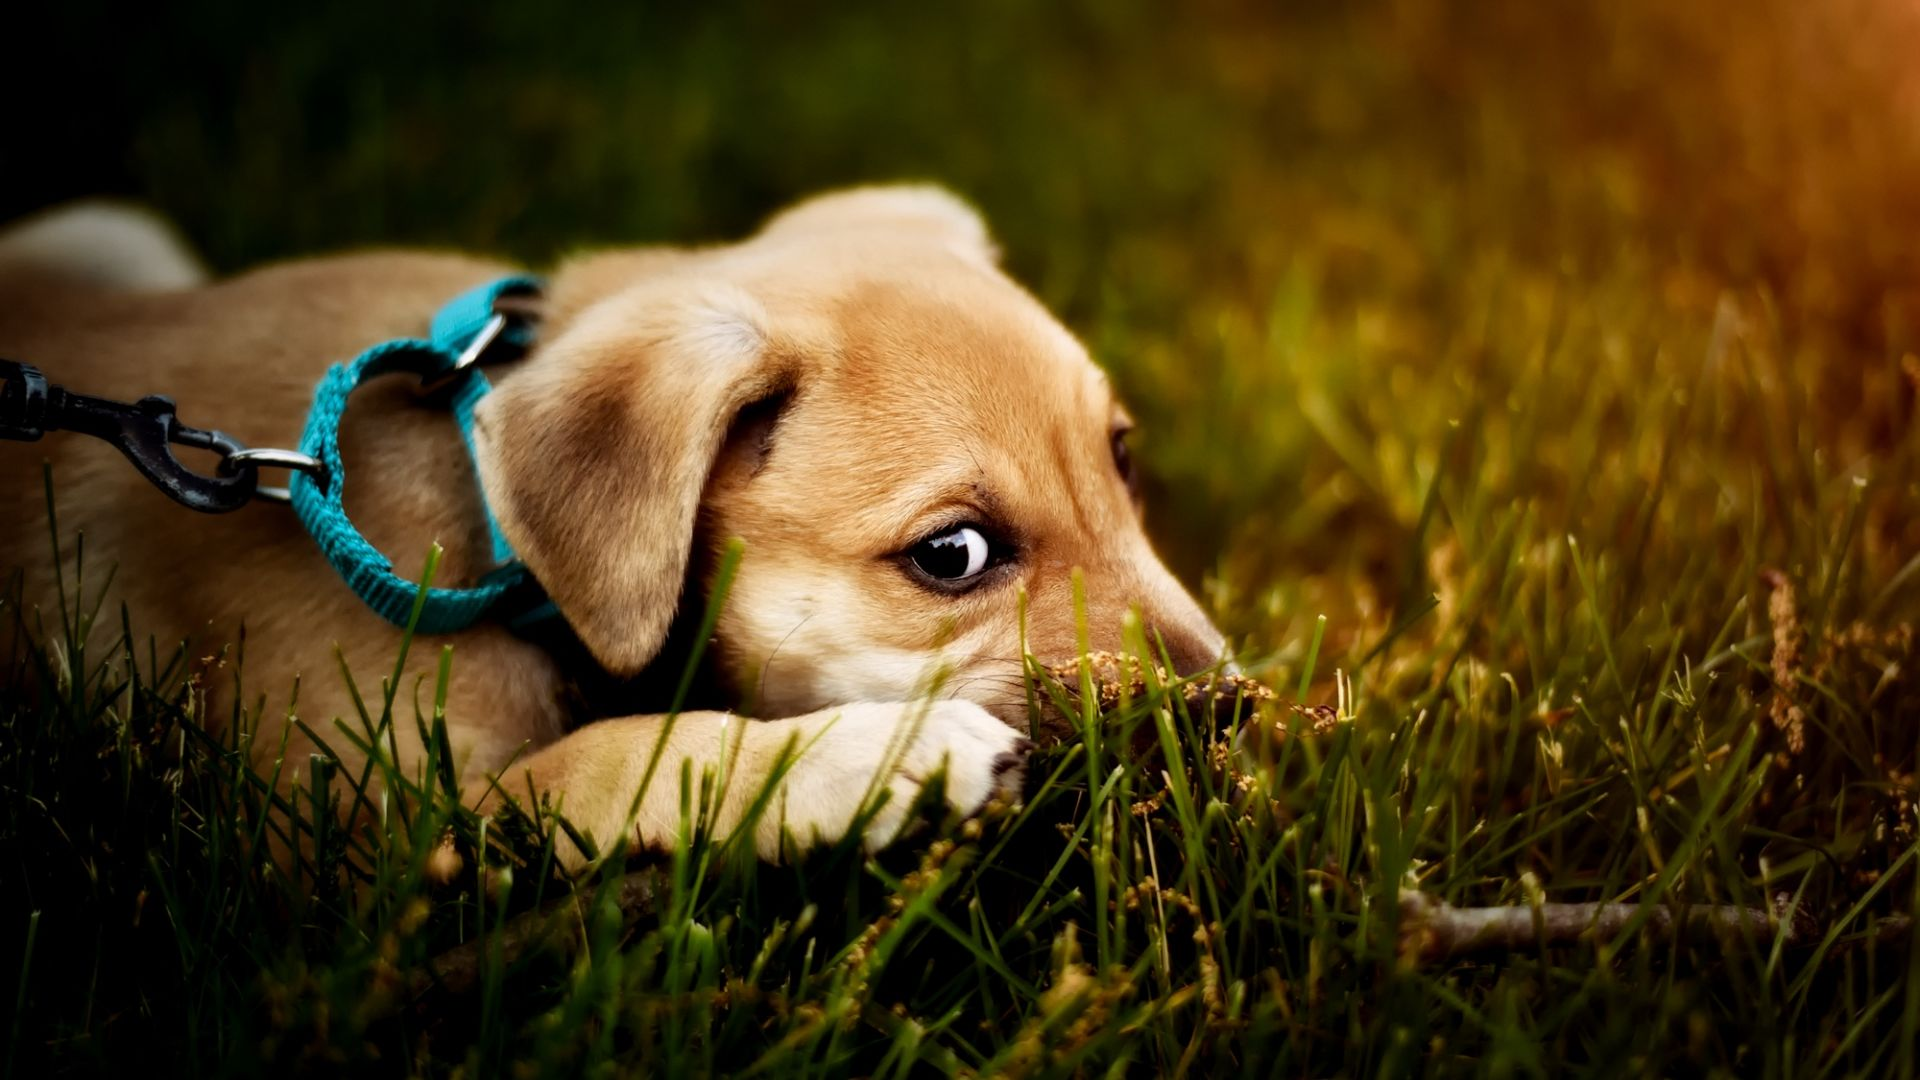 Wallpaper Blue collar, dog, puppy, amazed, grass